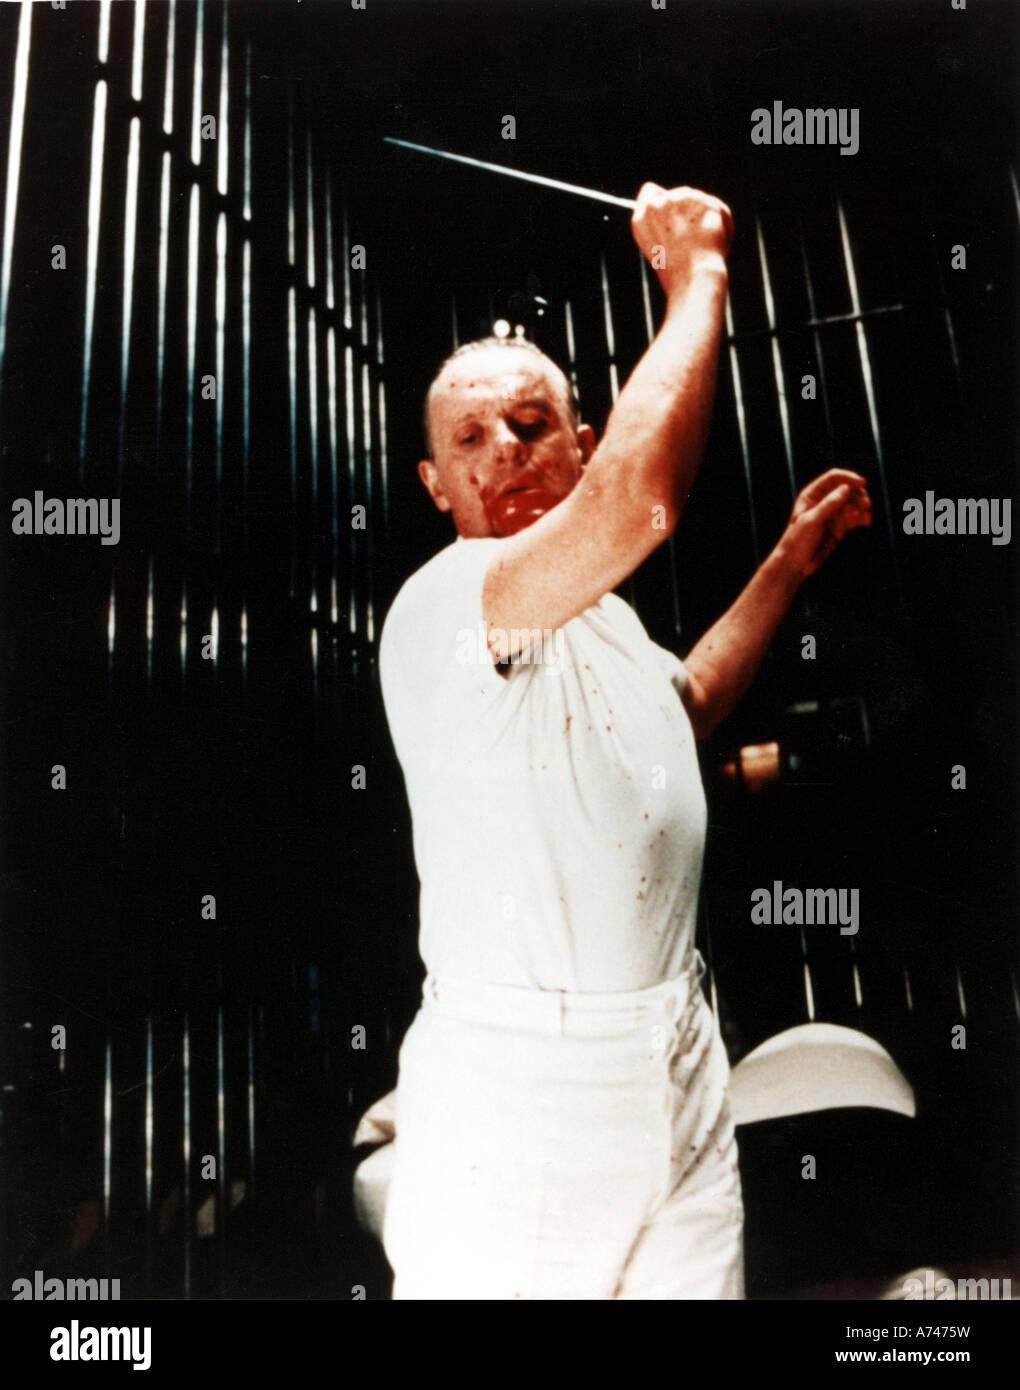 Il SILENZIO DEGLI INNOCENTI 1990 Rank/Orion film con Anthony Hopkins come dottor Hannibal Lecter Immagini Stock